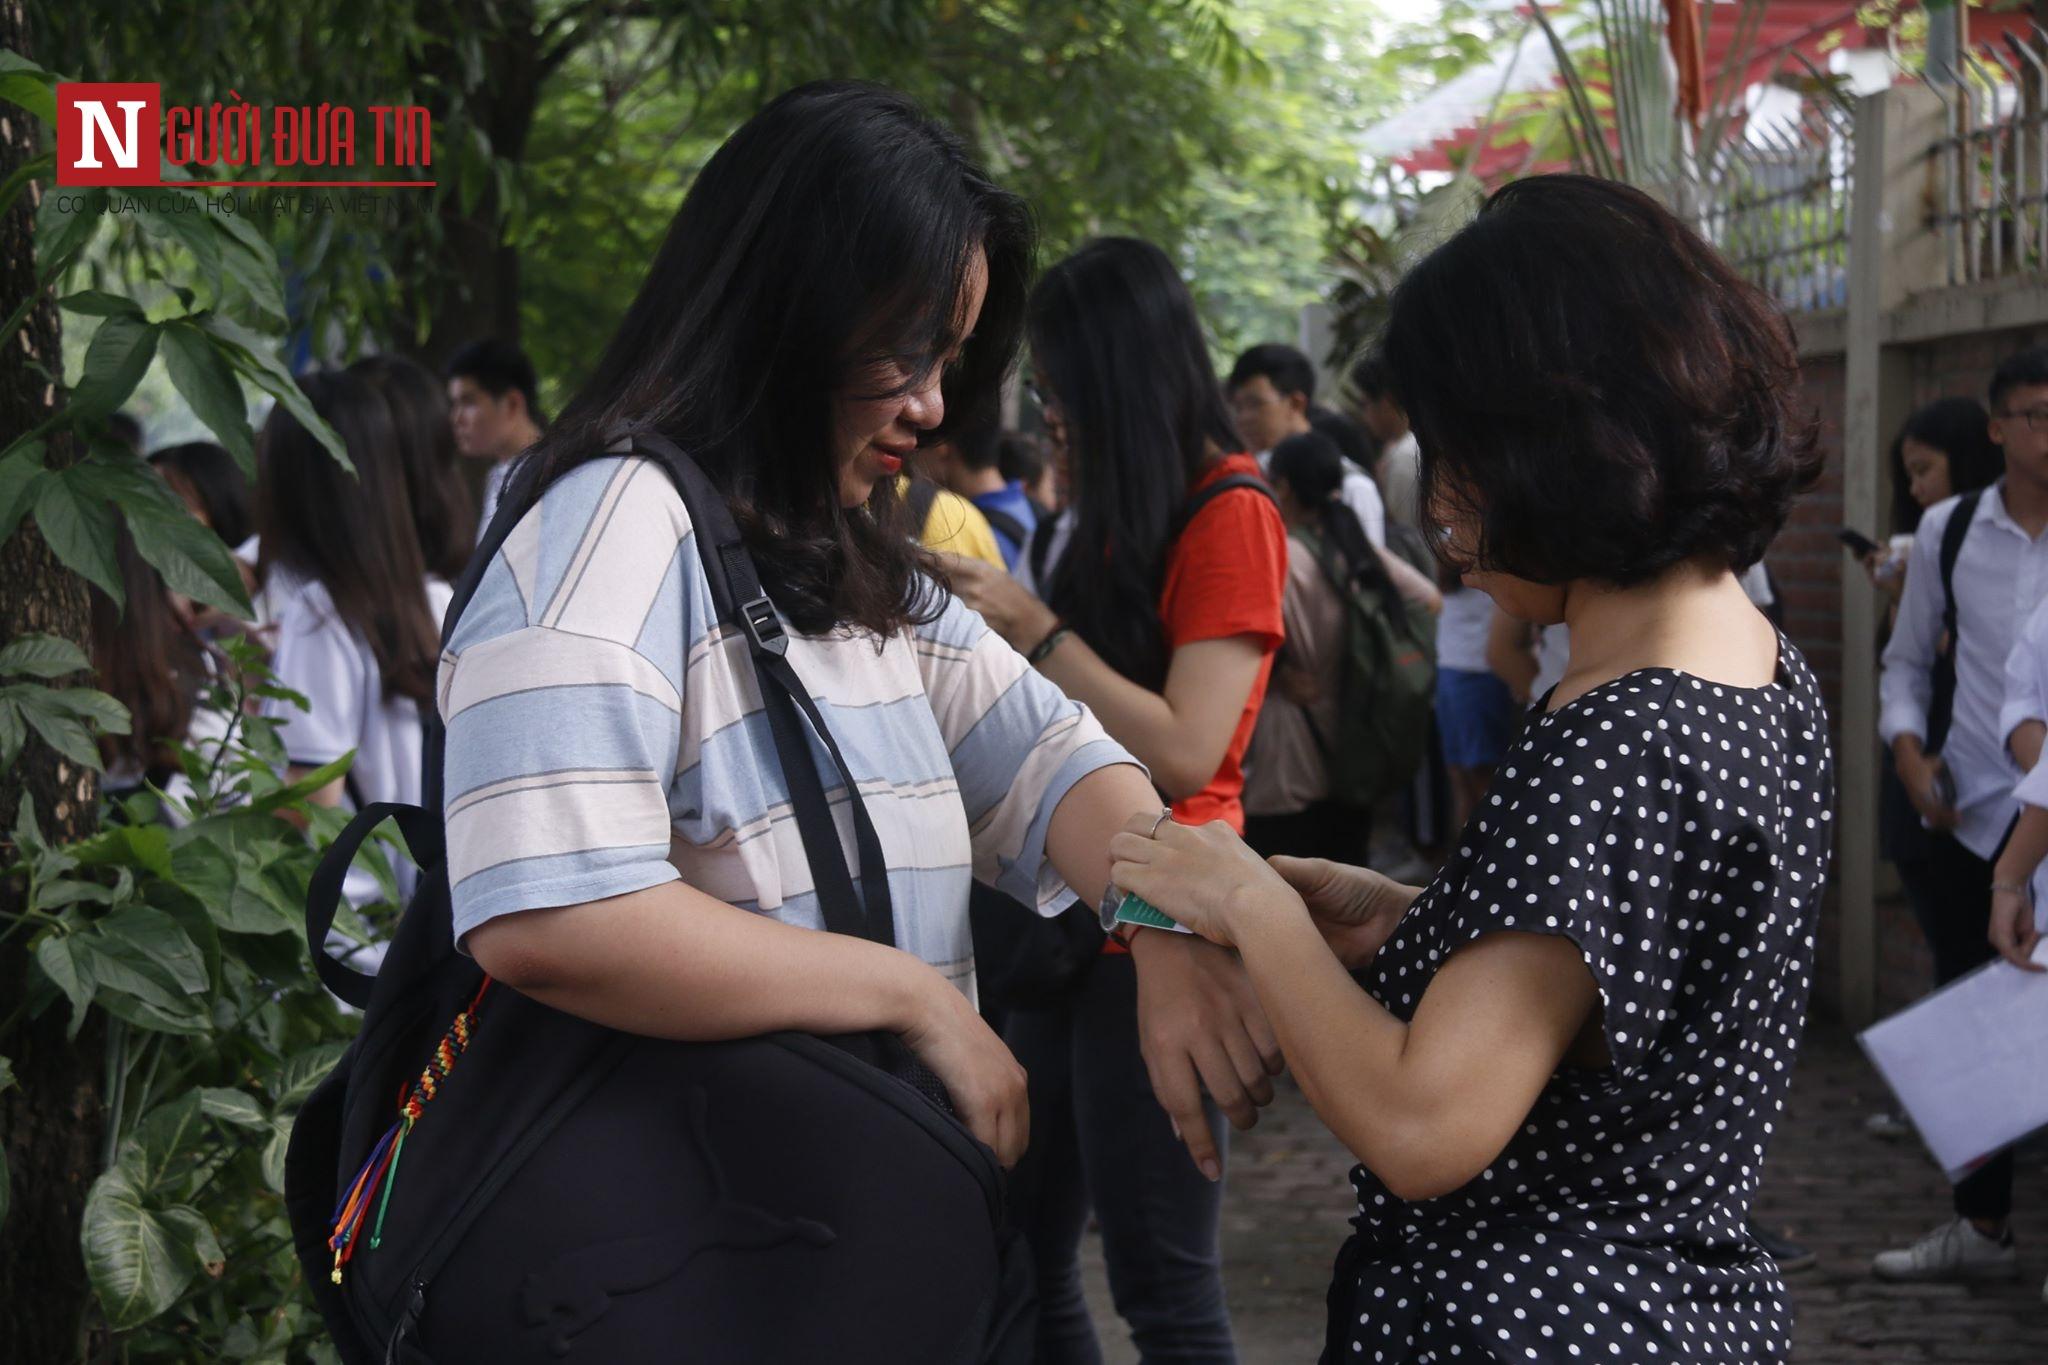 Xúc động hình ảnh ngoài cổng trường thi THPT quốc gia 2019 - Ảnh 3